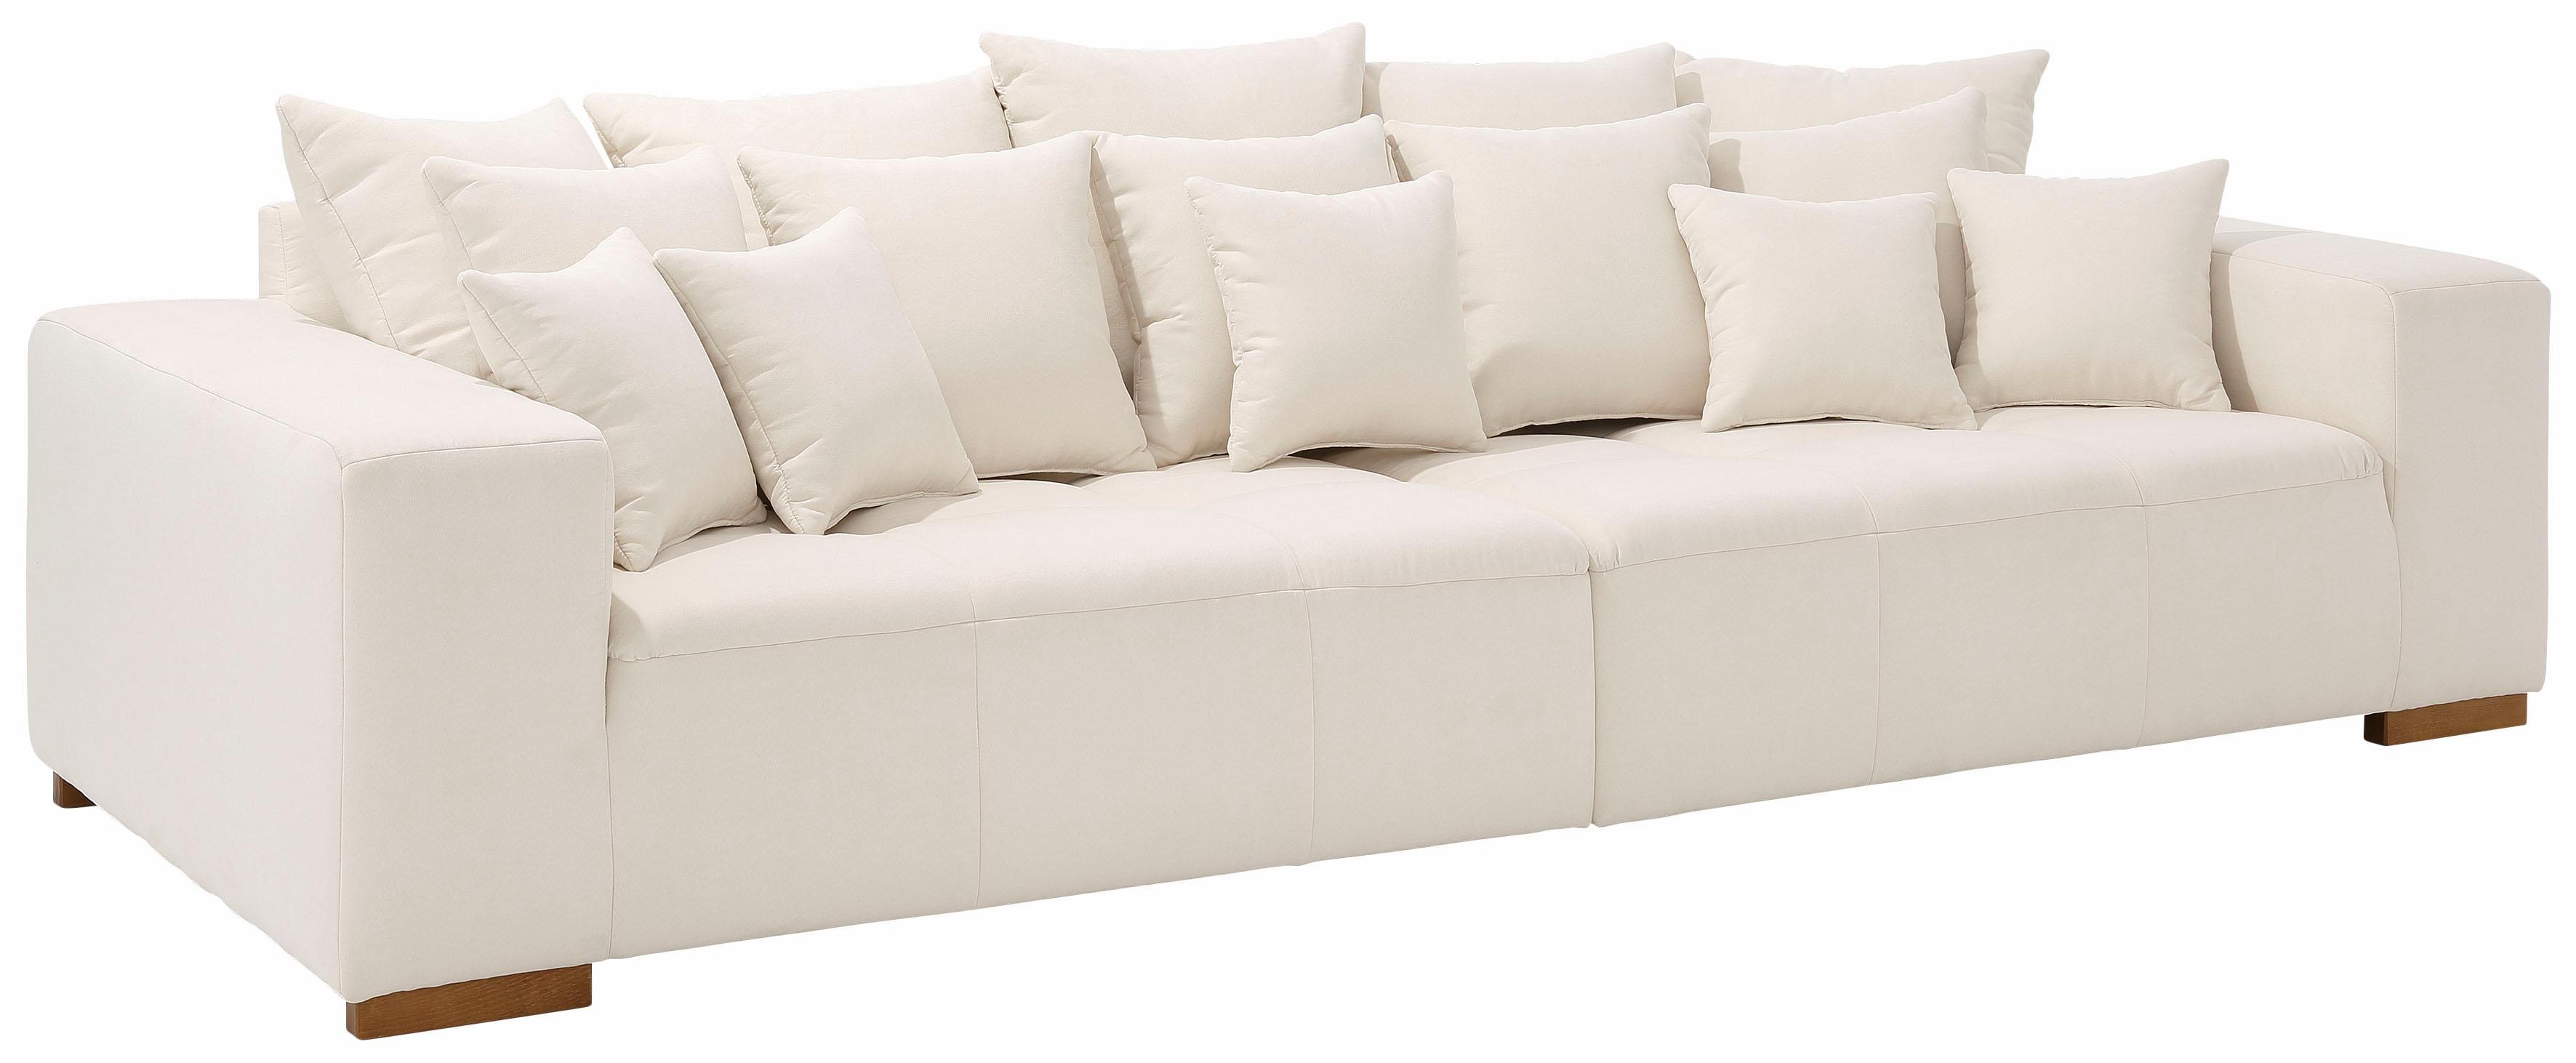 Home affaire Big Sofa Neapel kaufen